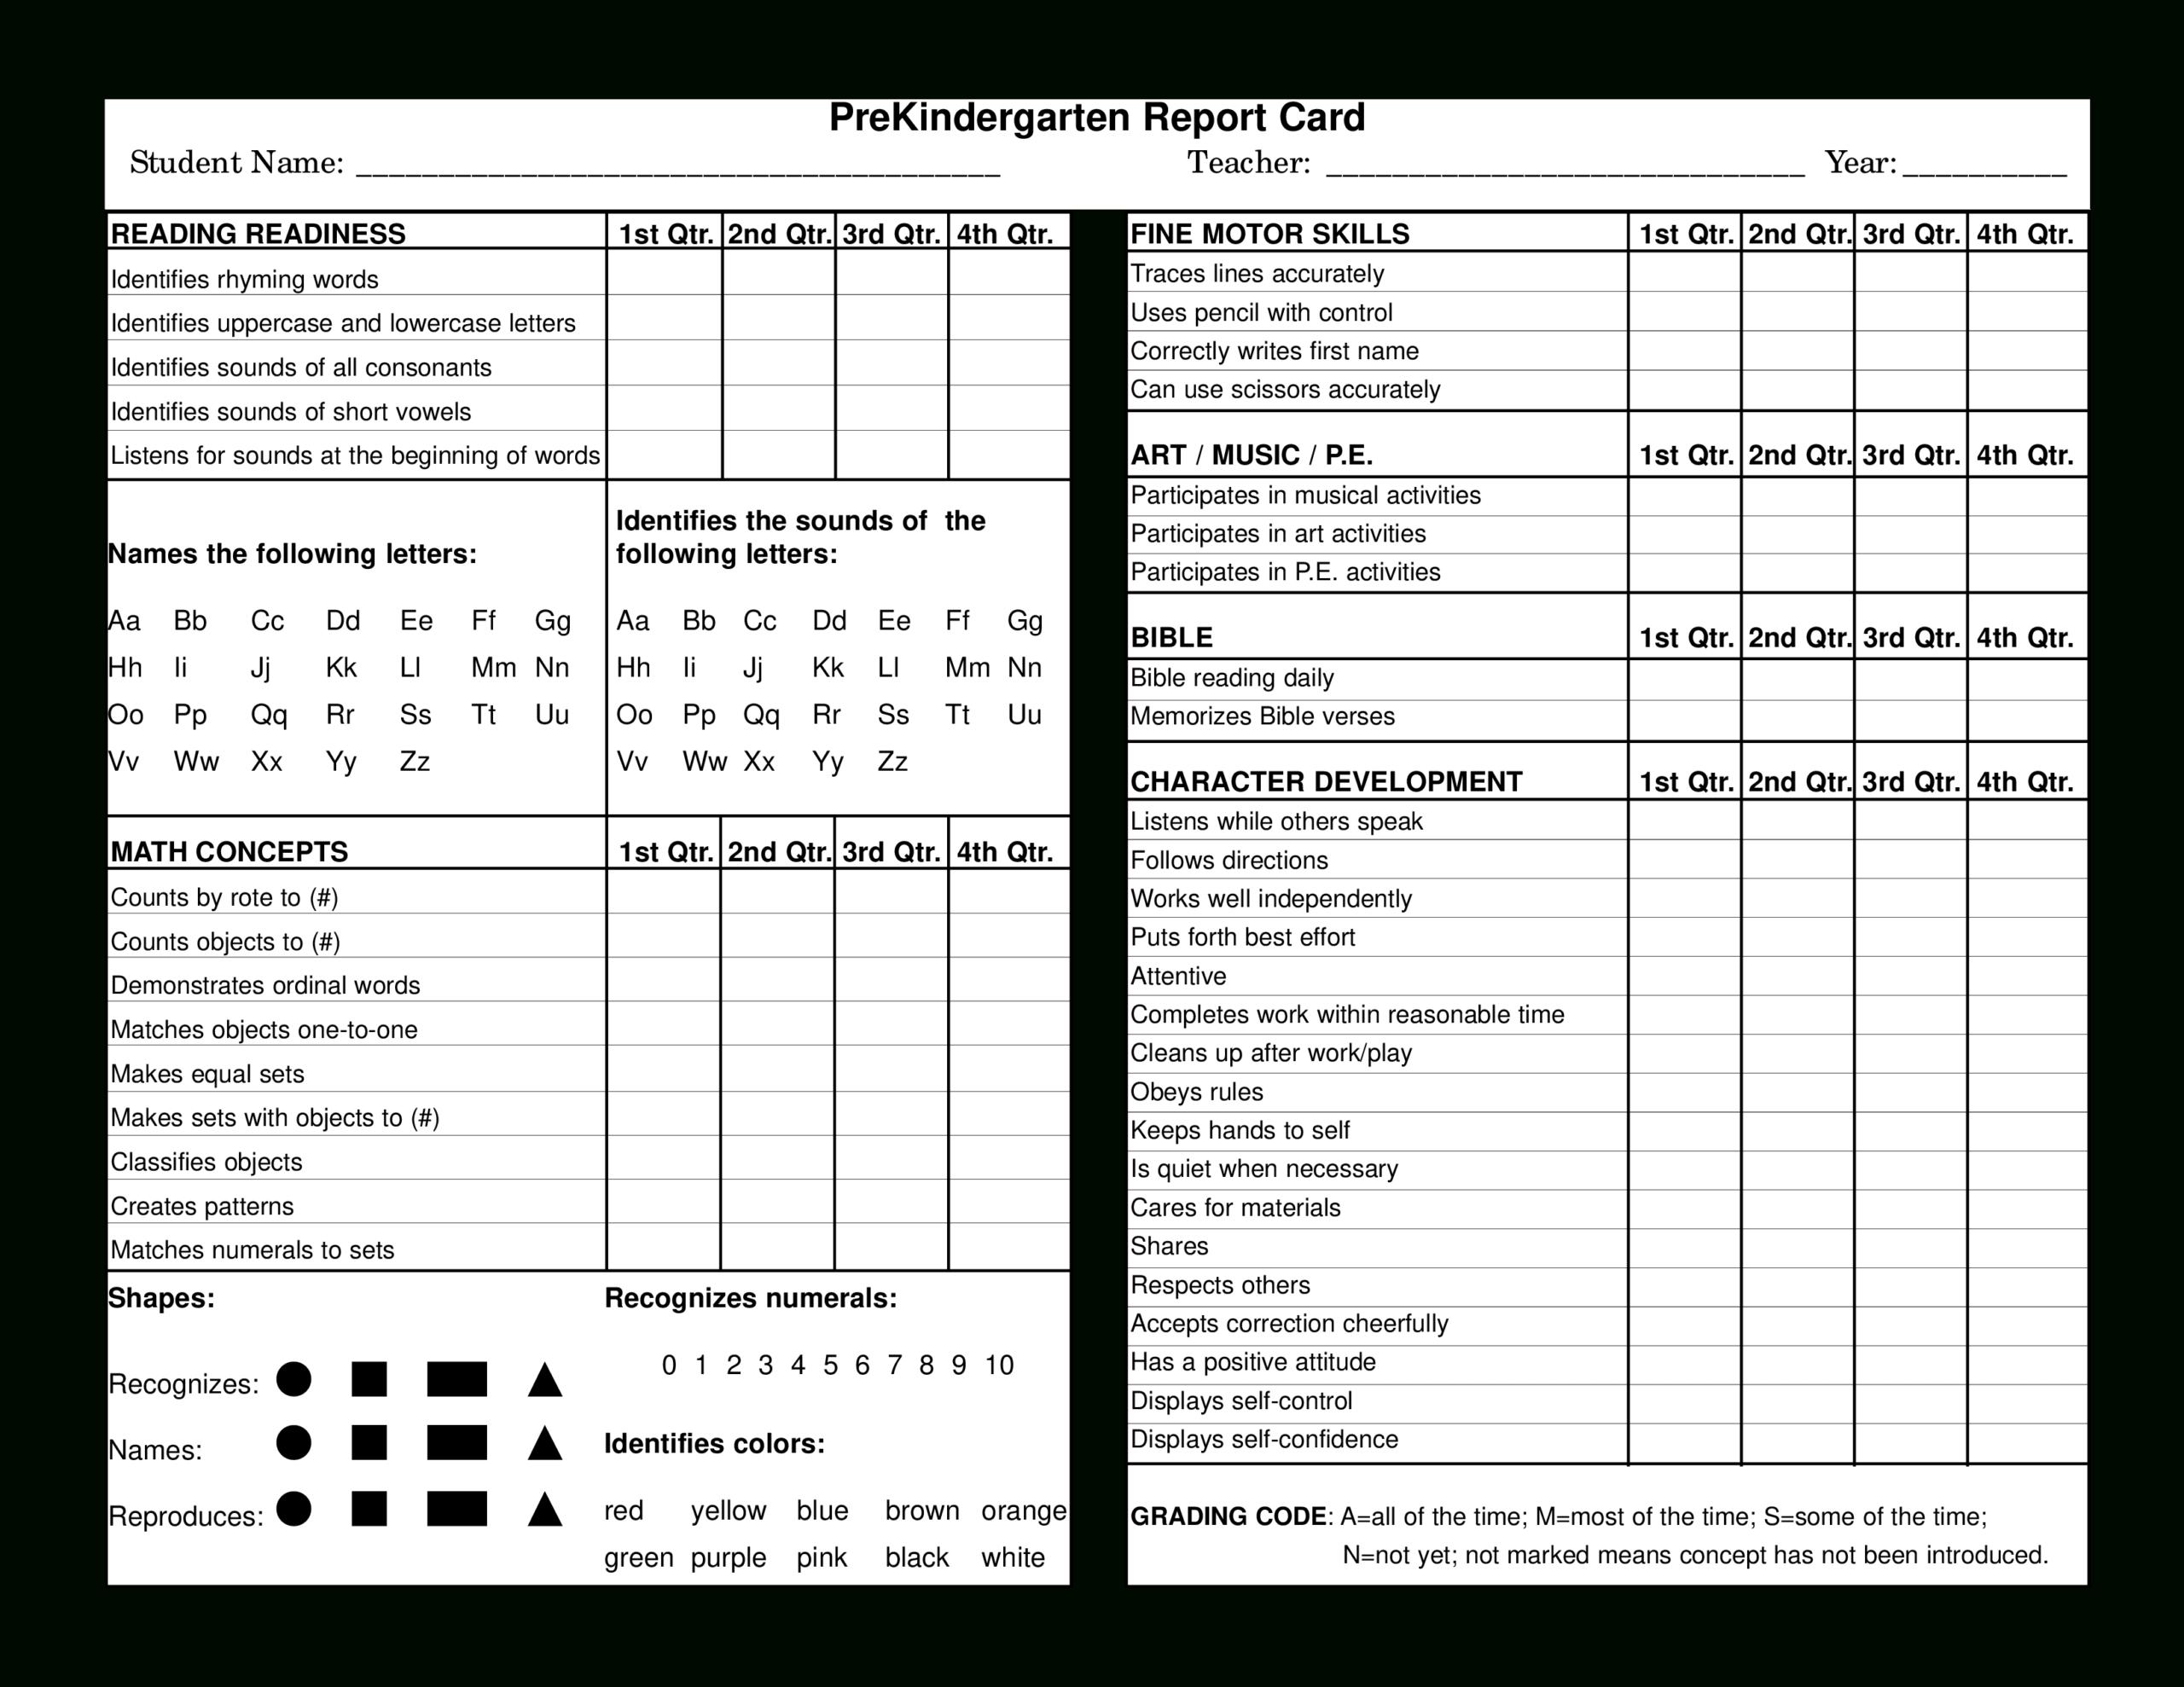 Preschool Report Card | Templates At Allbusinesstemplates Intended For Character Report Card Template